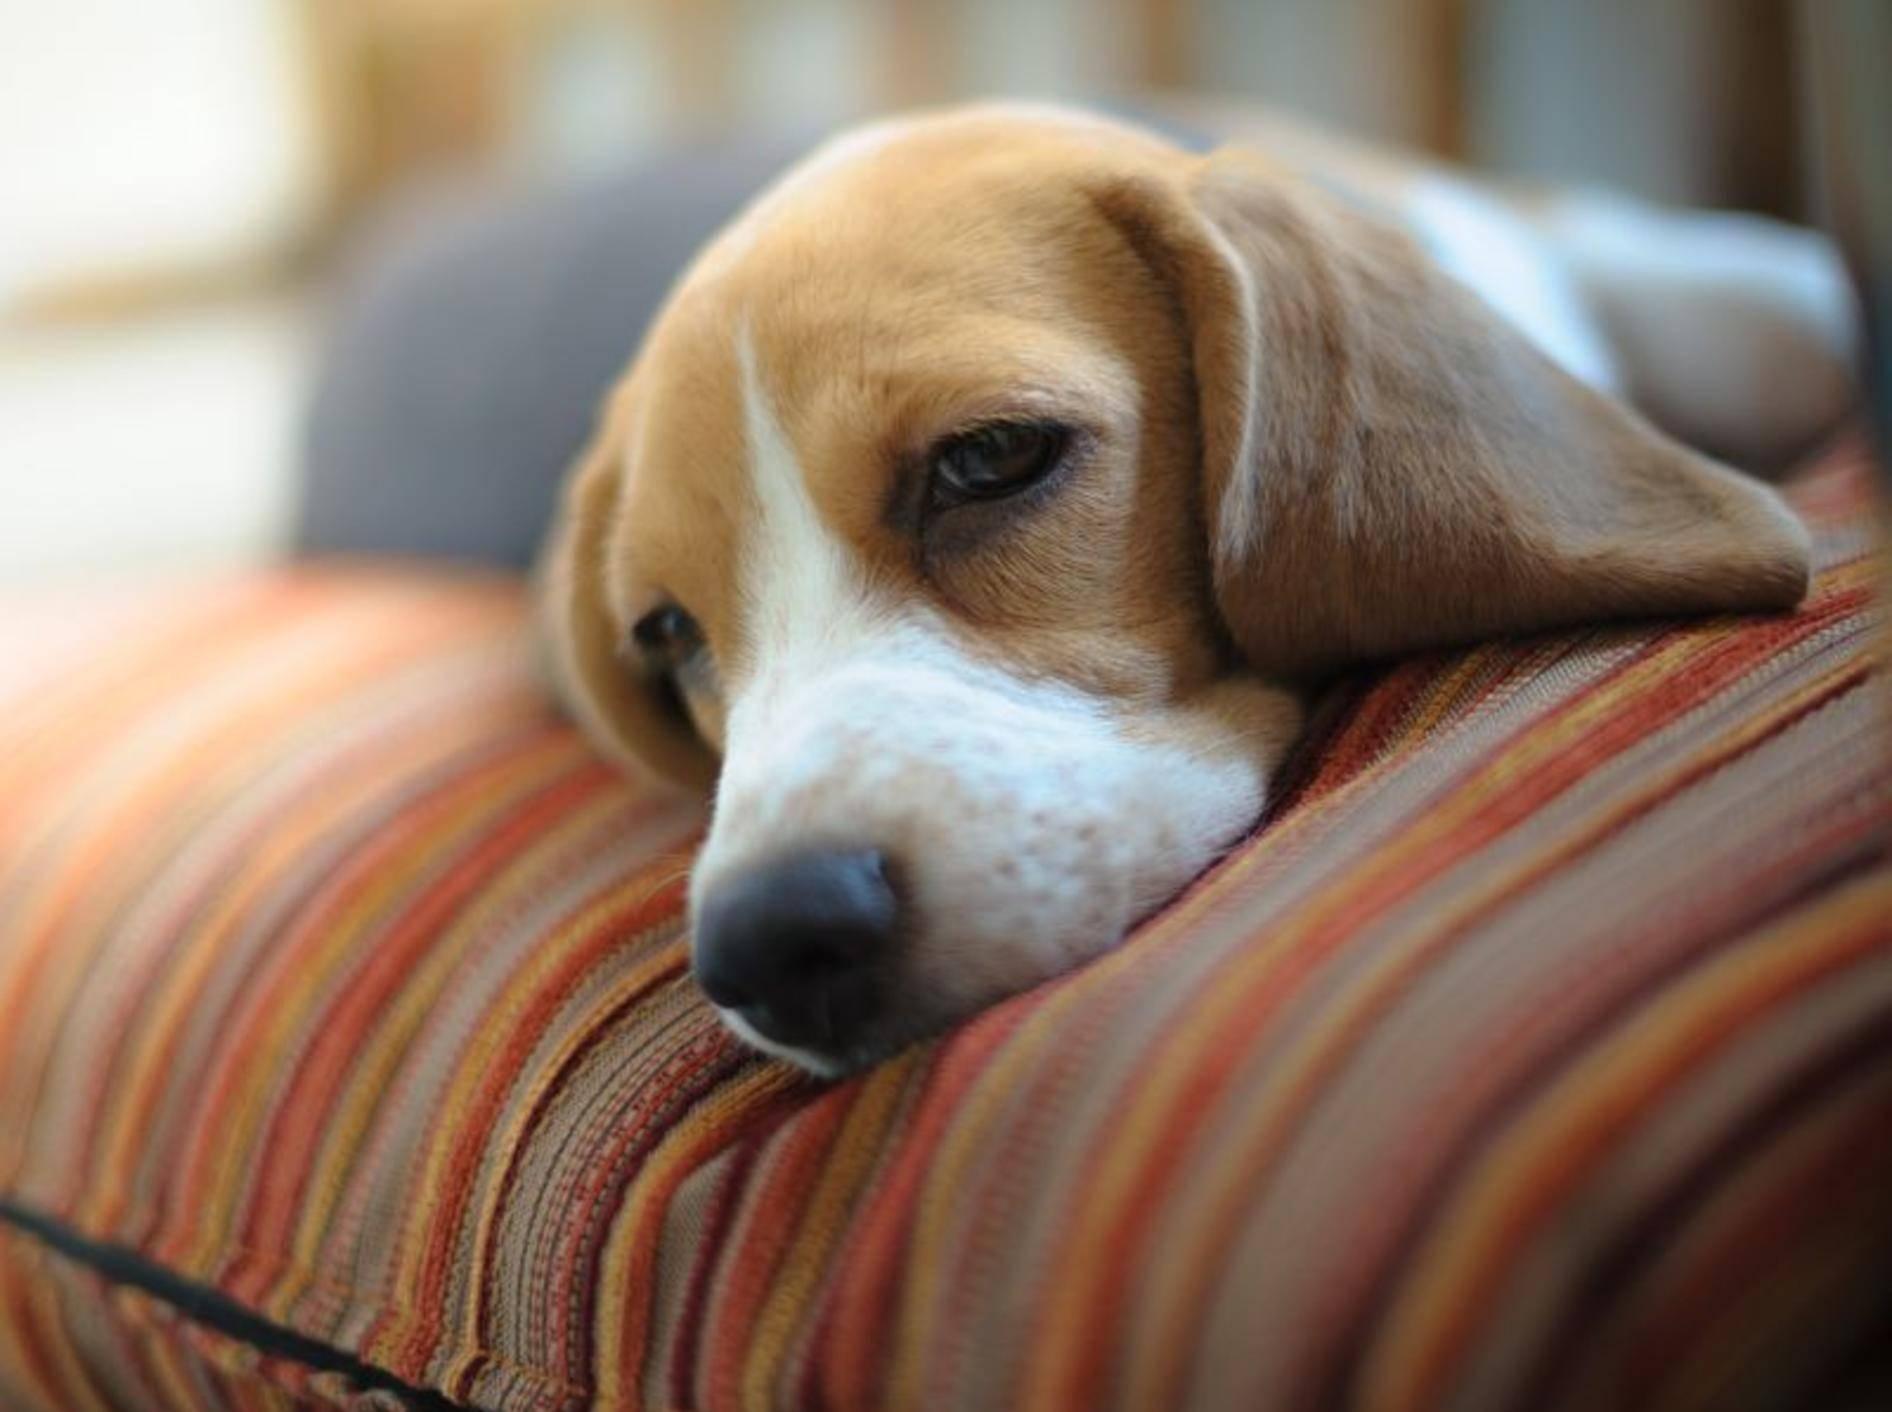 Bei anhaltenden Erkältungssymptomen sollten Sie einen Tierarzt aufsuchen – Bild: Shutterstock / Surachet Meewaew